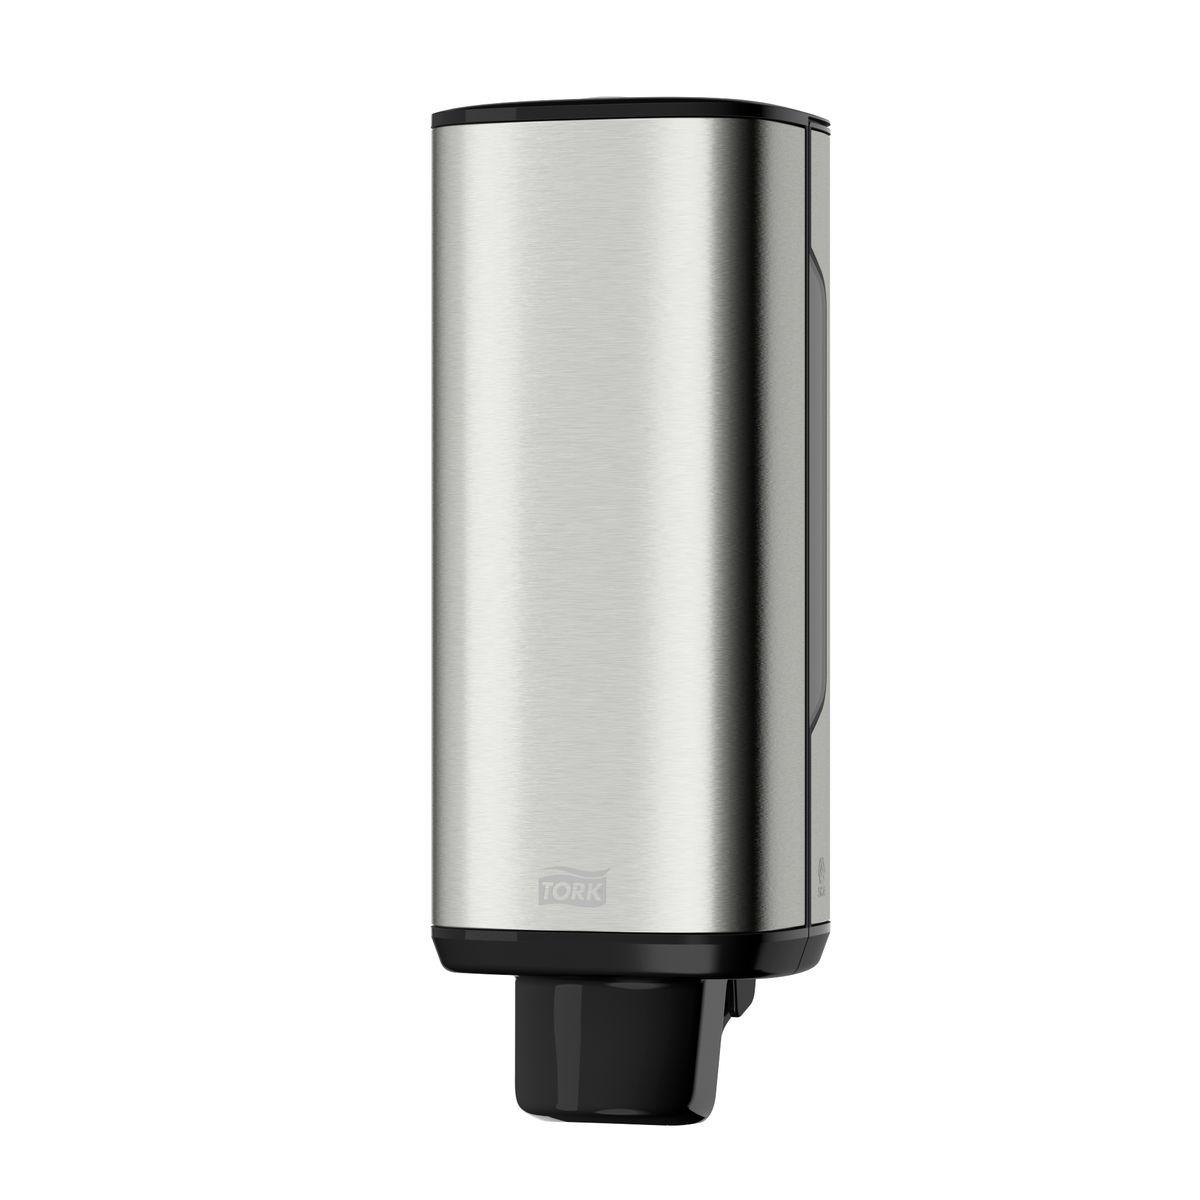 Диспенсер для мыла Tork, цвет: металл. 46001020023Диспенсер Tork обладает уникальными характеристиками: - Сочетание нержавеющей стали и пластика обеспечивает надежность и легкость диспенсера; - На поверхности не остается отпечатков пальцев и мыльных разводов; - Два режима работы замка: закрывается на ключ или работает как кнопка; - Смотровые окошки для быстрого контроля наличия расходного материала; - Высочайший уровень гигиены благодаря одноразовым картриджам; - Экономичный расход - одна порция составляет 0,4 мл мыла-пены; - В диспенсере есть возможность закрепить визитную карточку.